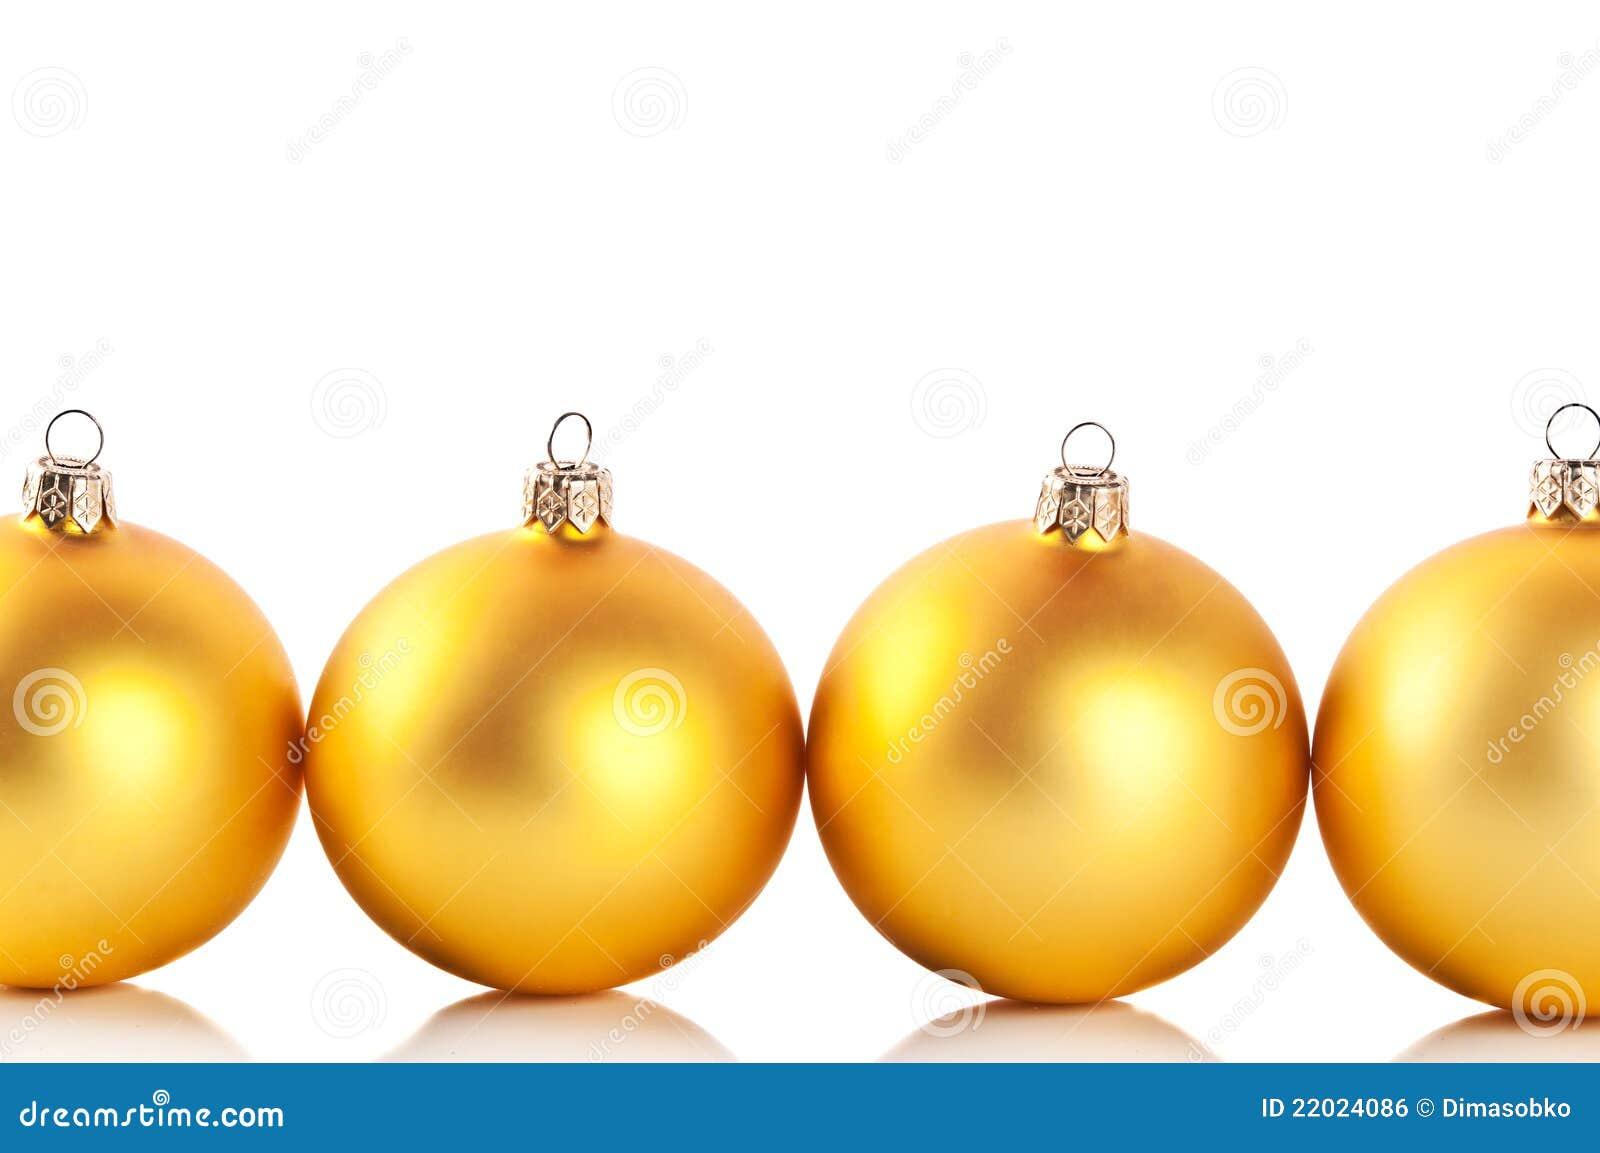 Gelbe weihnachtskugeln my blog for Weihnachtskugeln altrosa